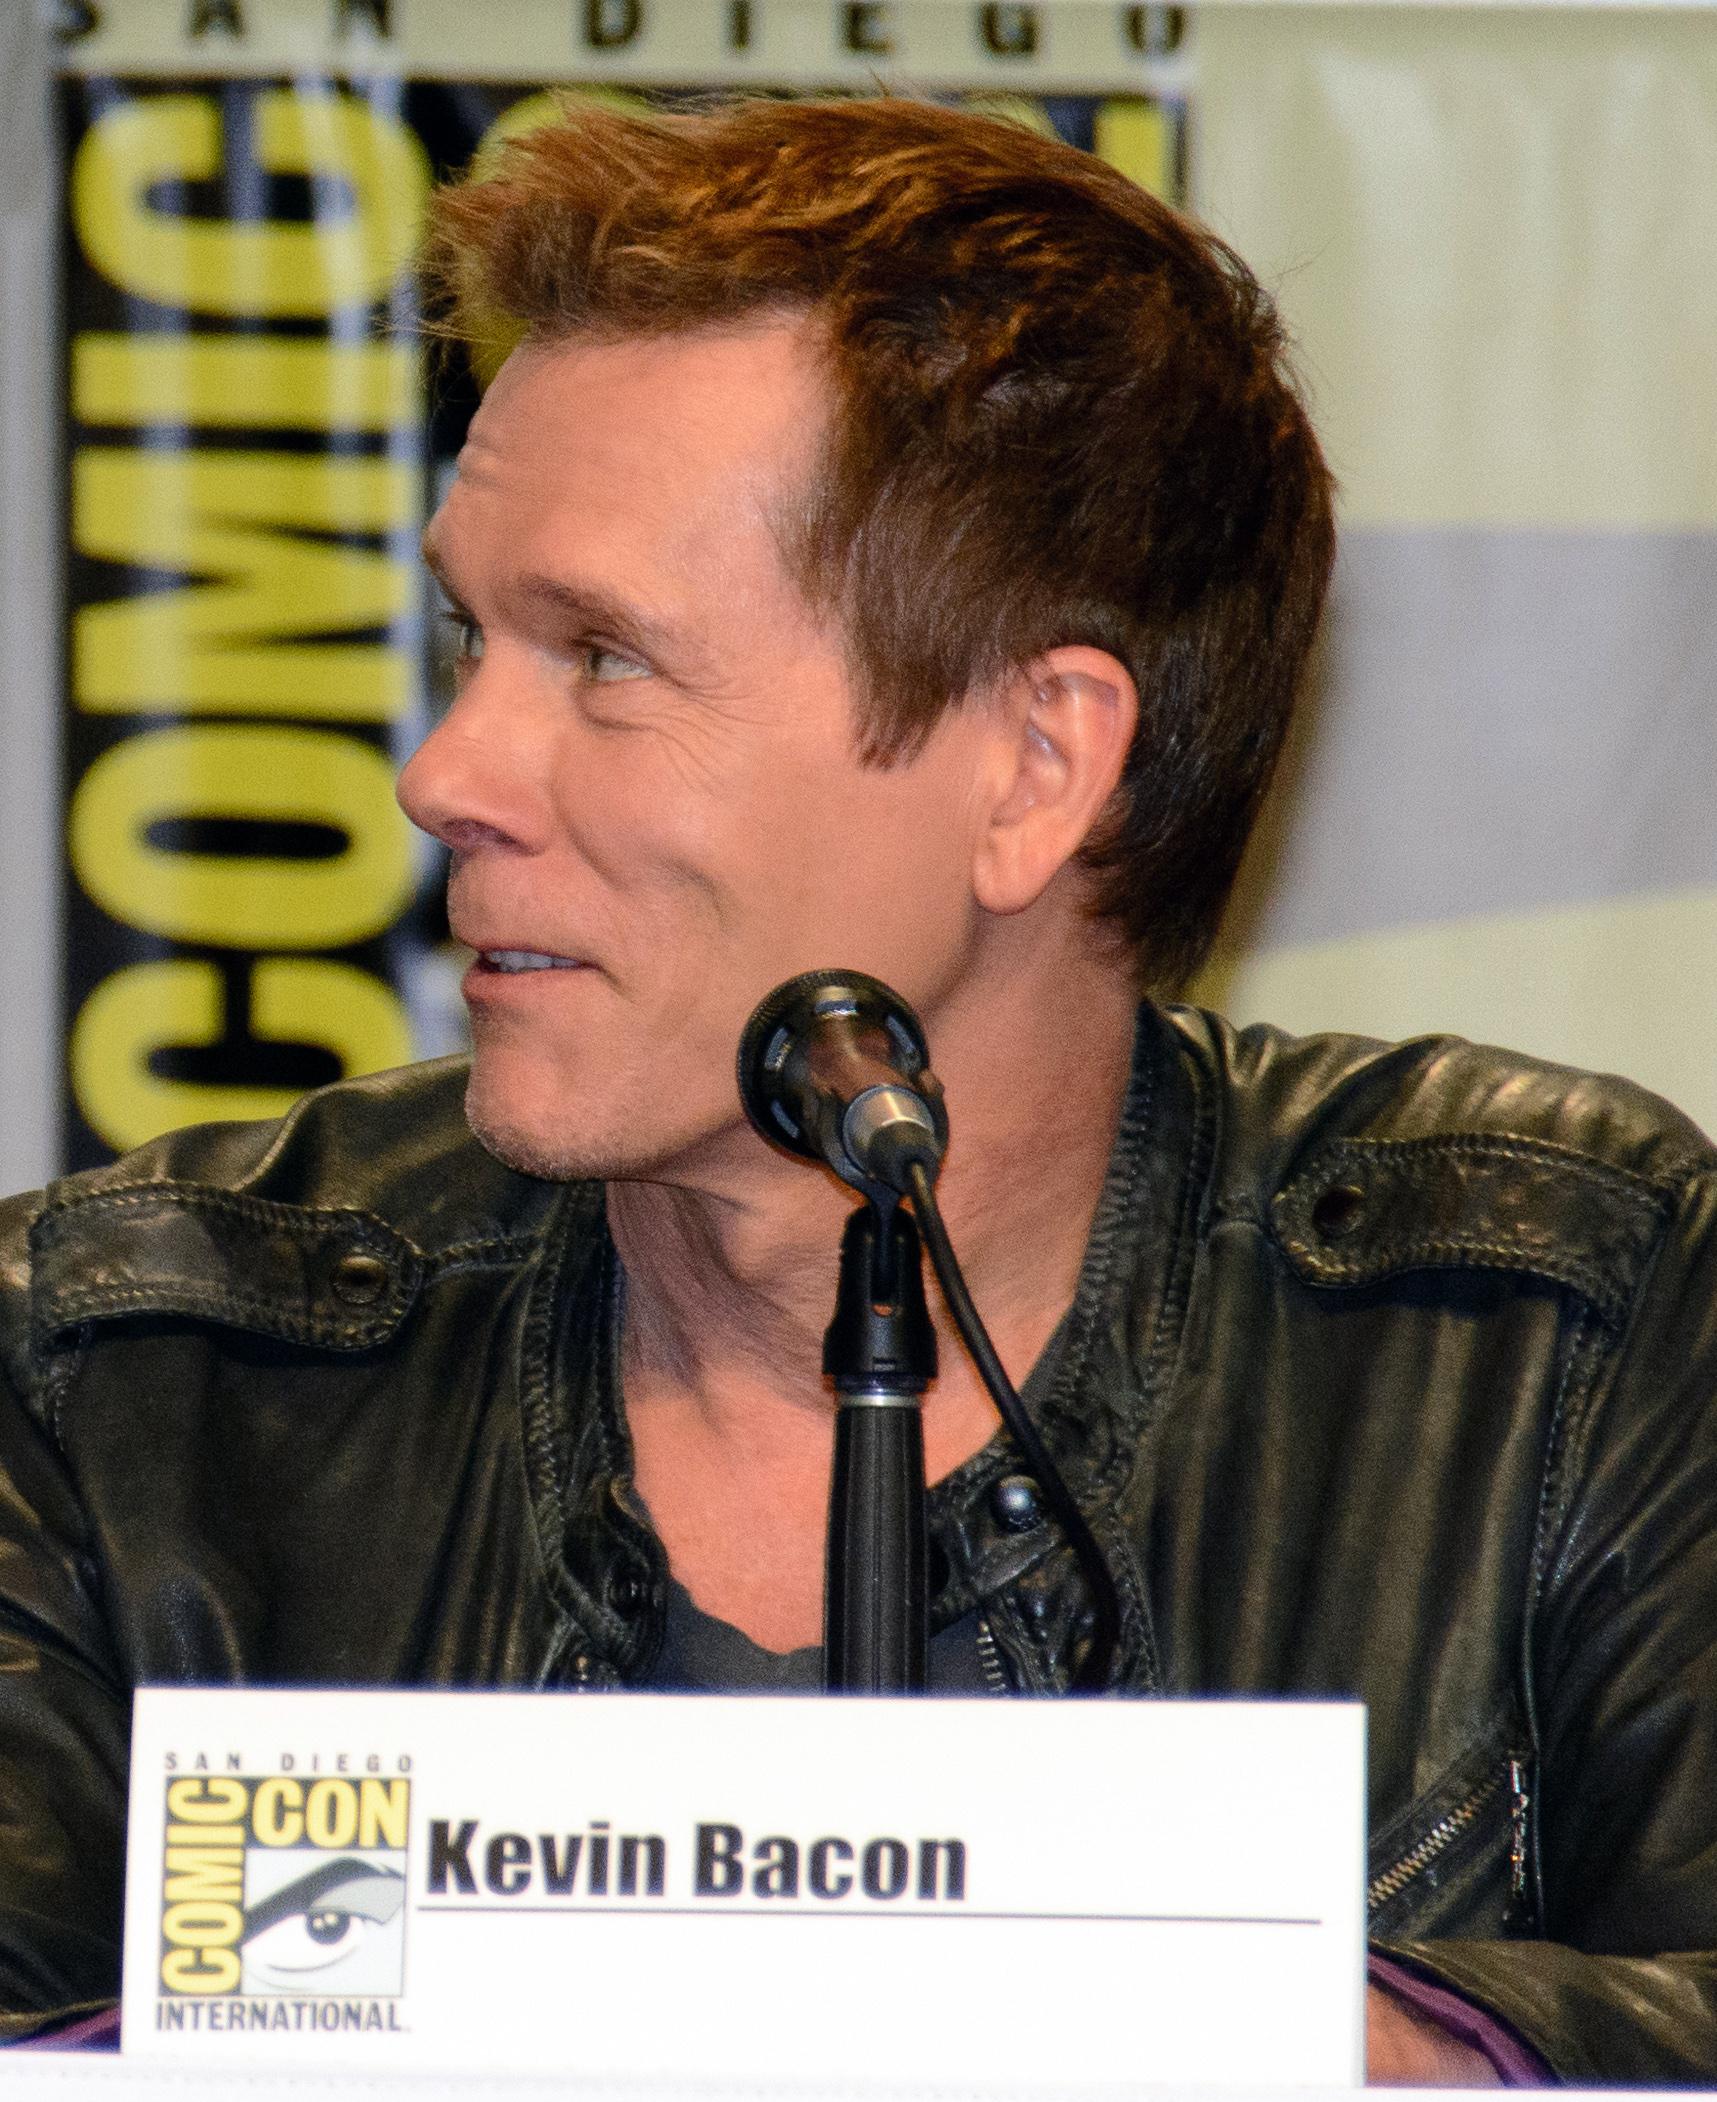 KevinBacon-2